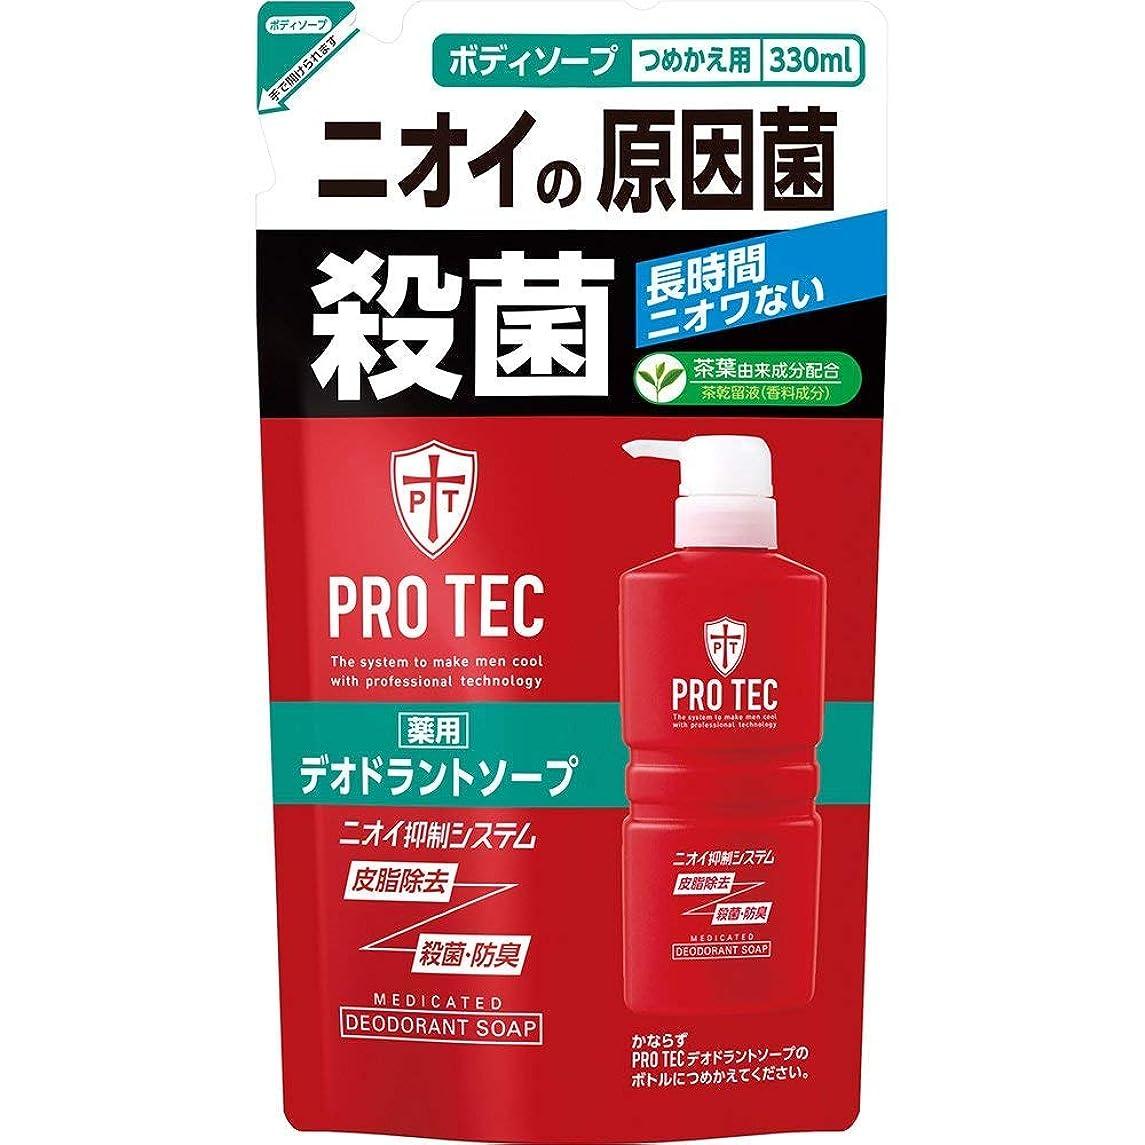 あなたのもの広範囲シリングPRO TEC デオドラントソープ つめかえ用 330ml ×2セット